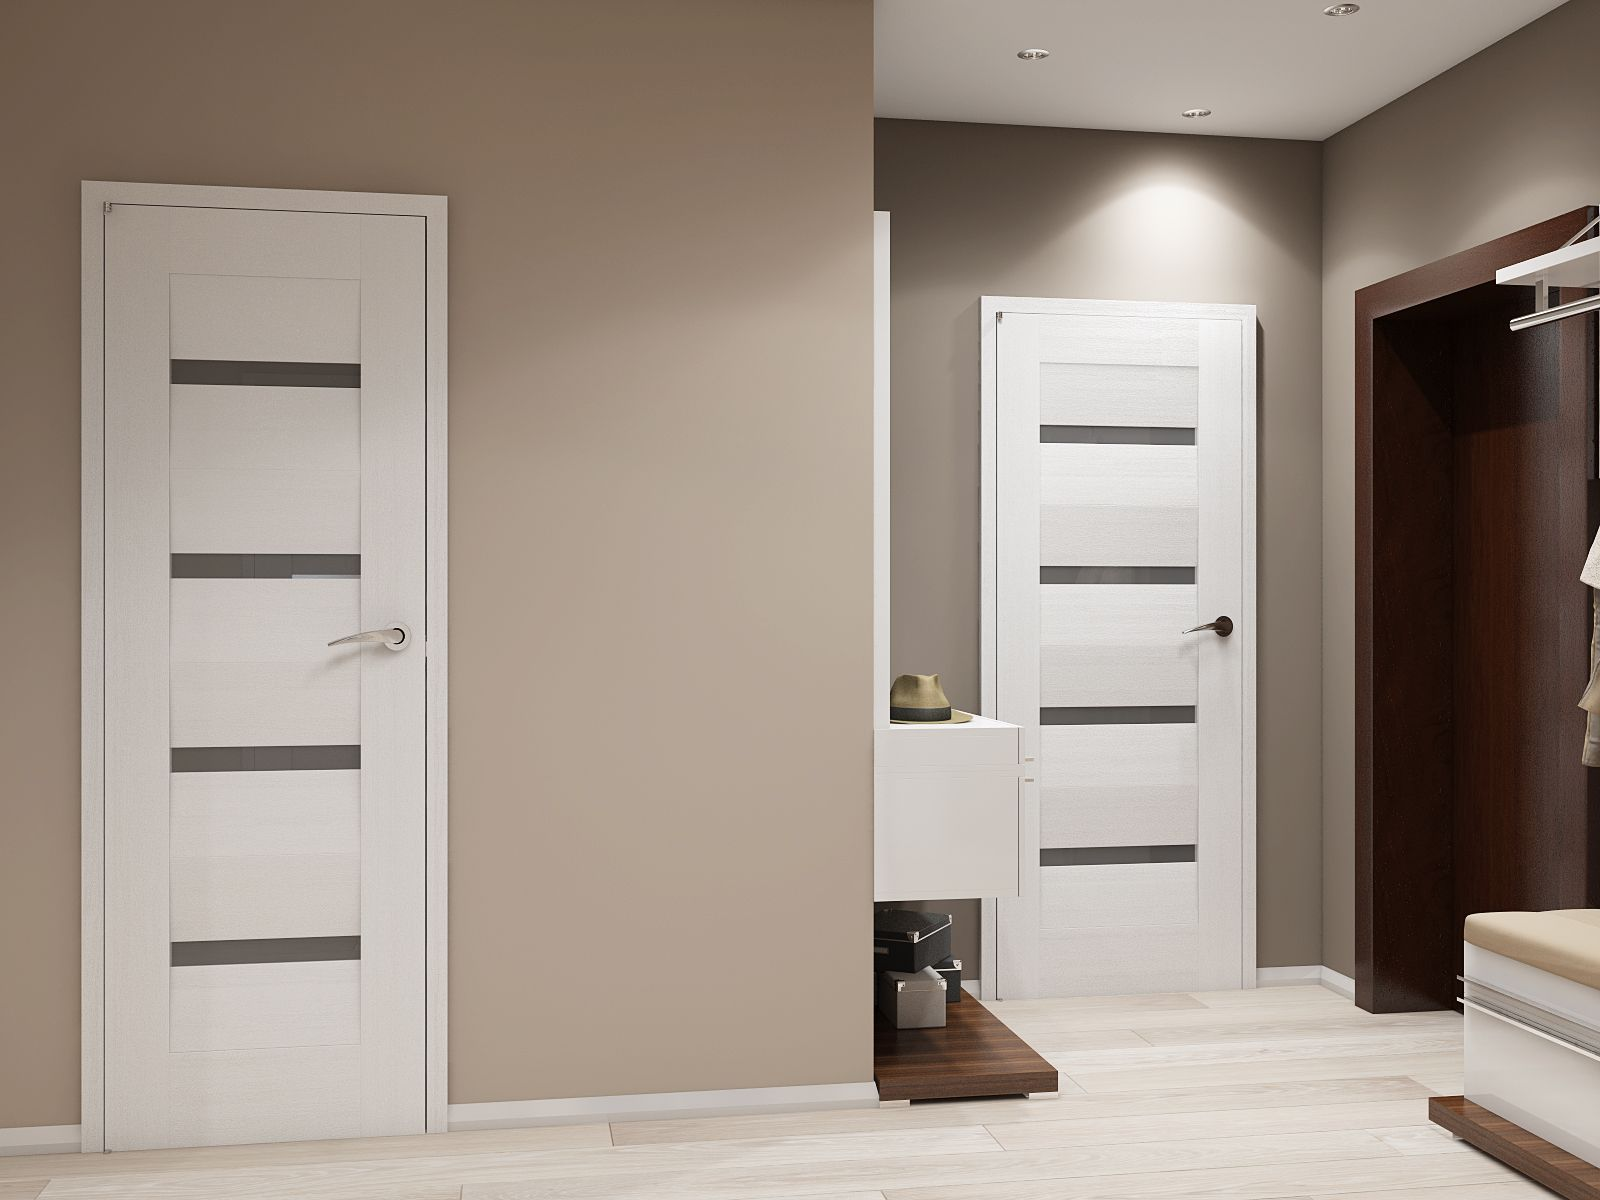 межкомнатные двери выполнены из натуральных светлых пород